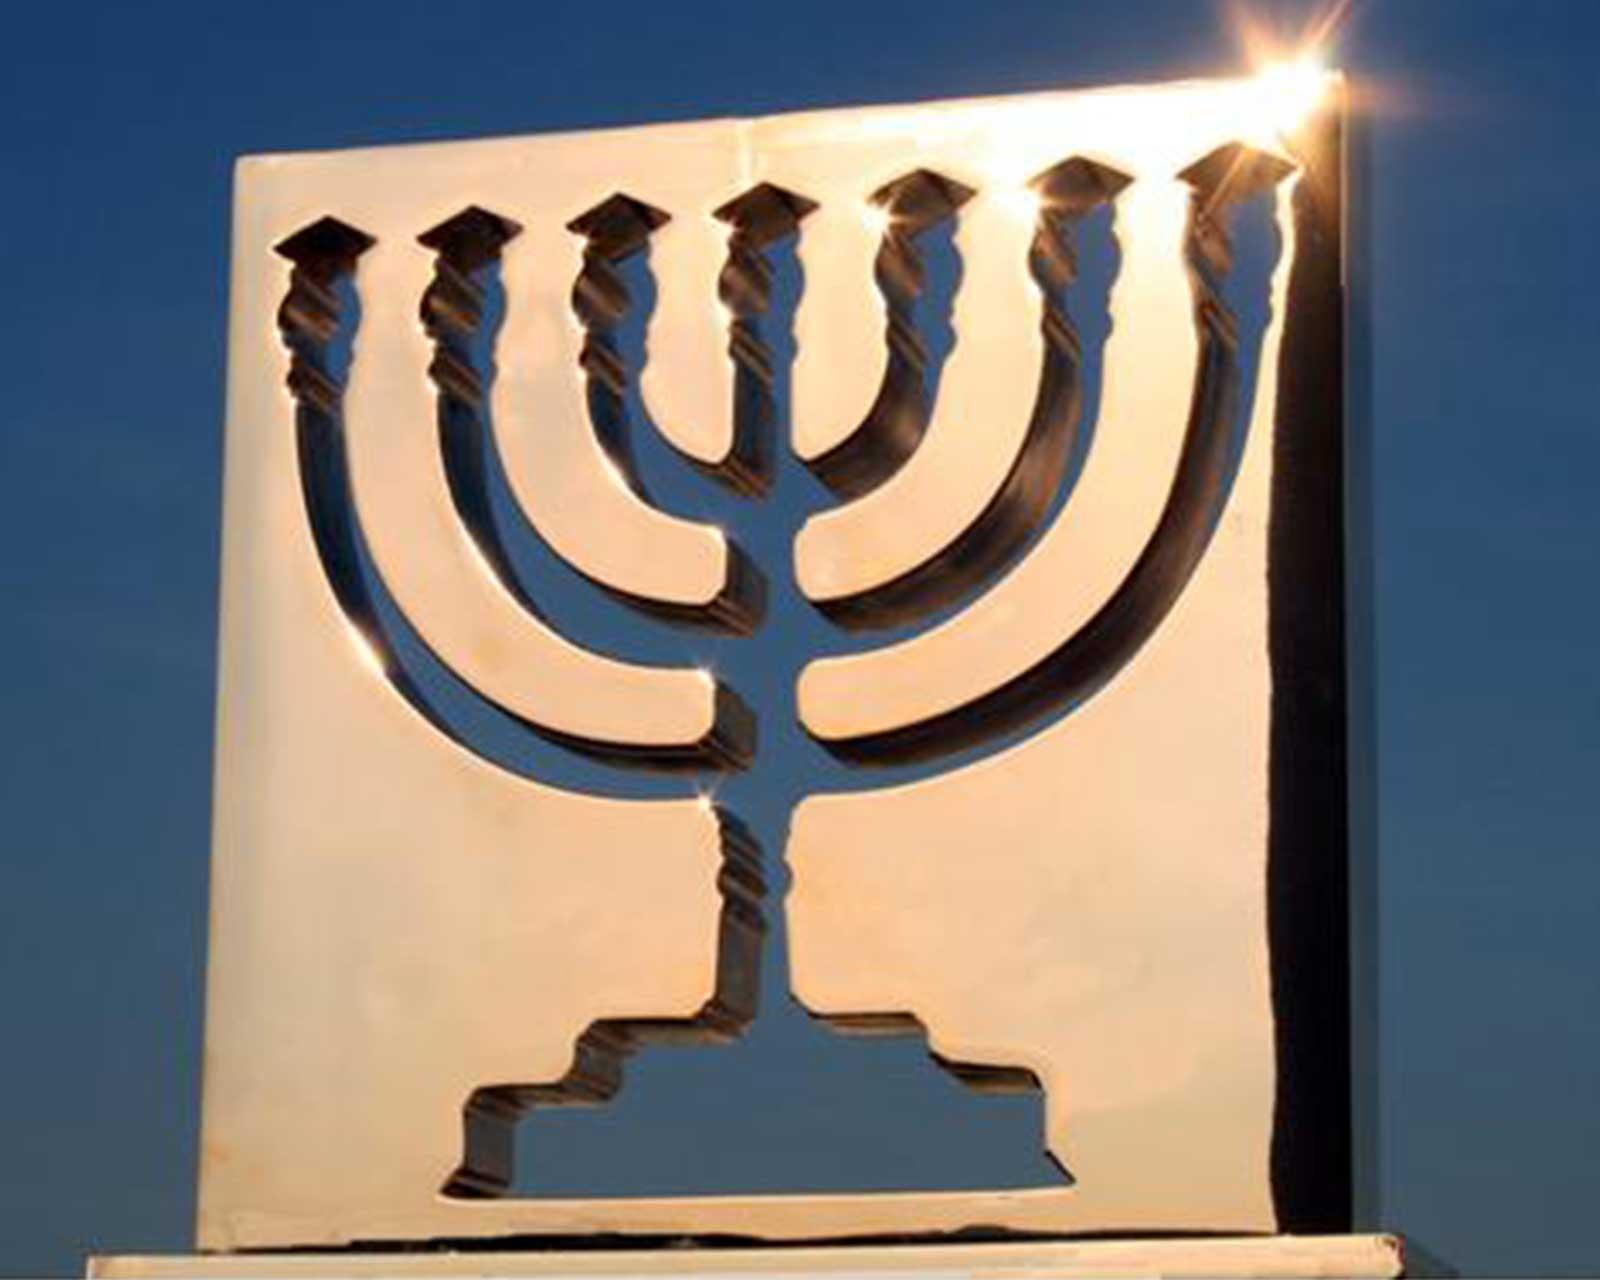 Edición especial conmemorativa para la décimo octava Maccabiah de Israel